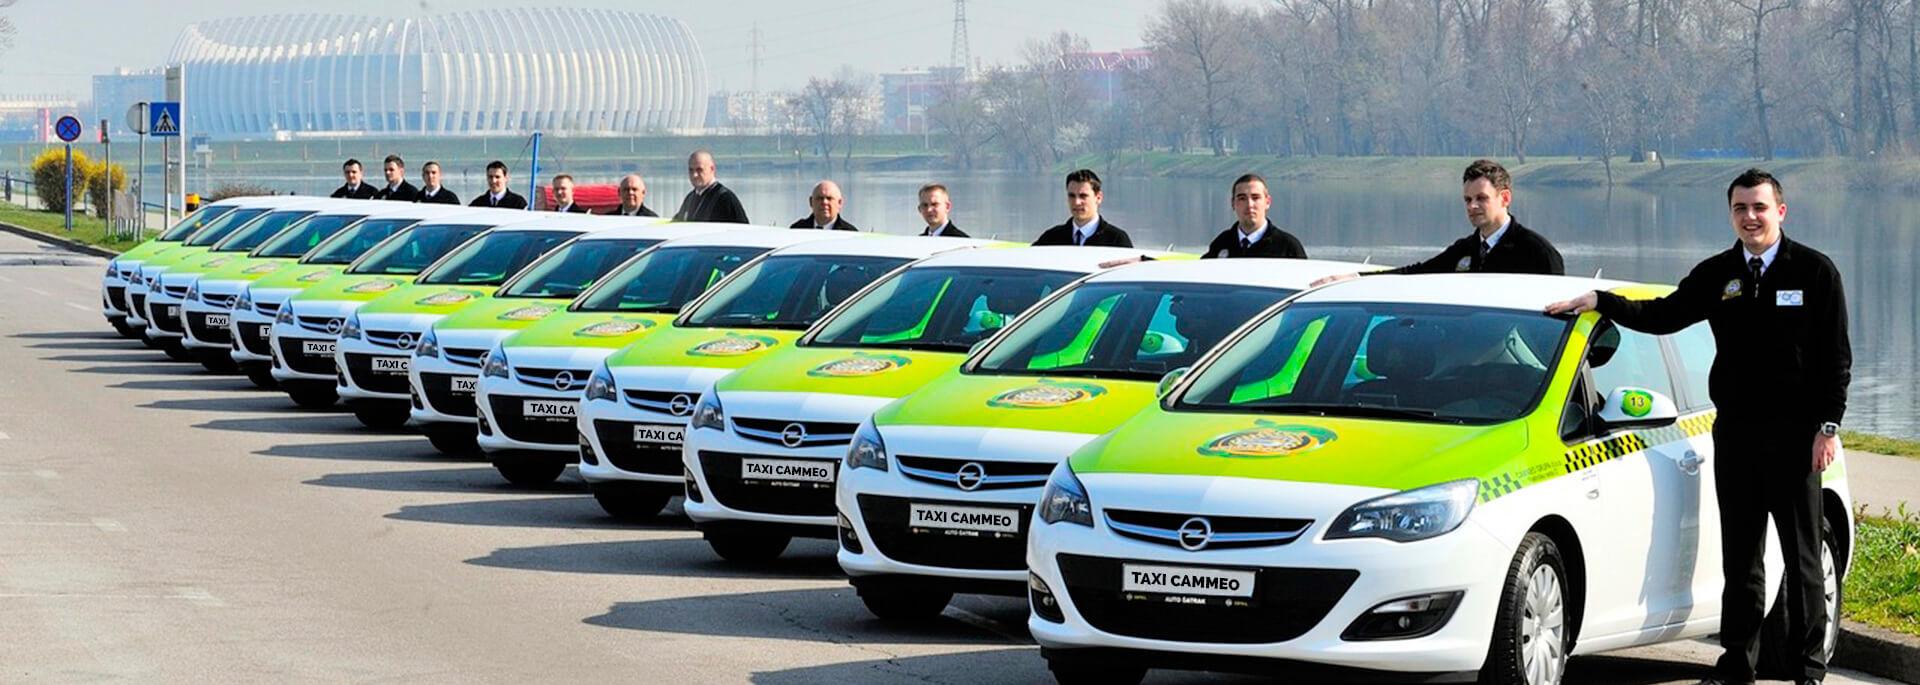 Koji Je Najjeftiniji Taxi U Zagrebu Oktan Hr